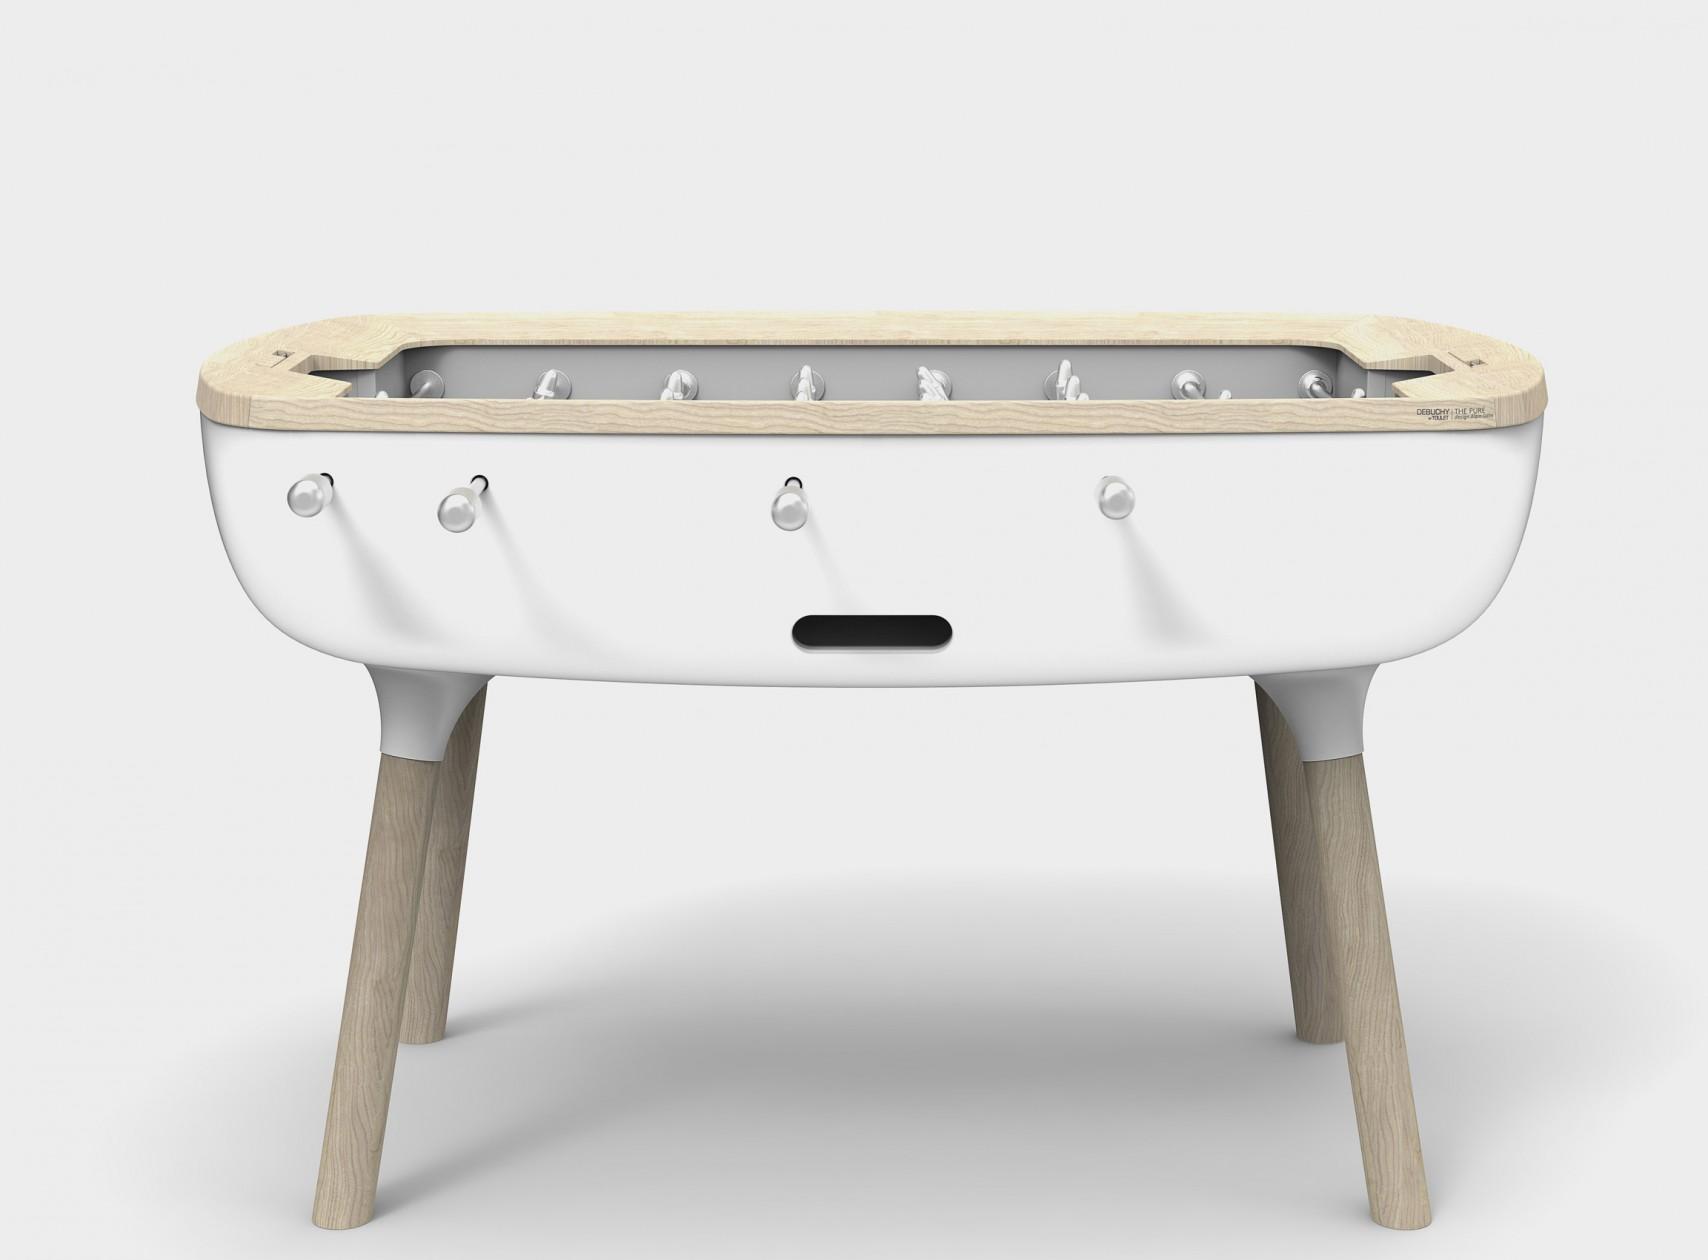 prix babyfoot toulet. Black Bedroom Furniture Sets. Home Design Ideas